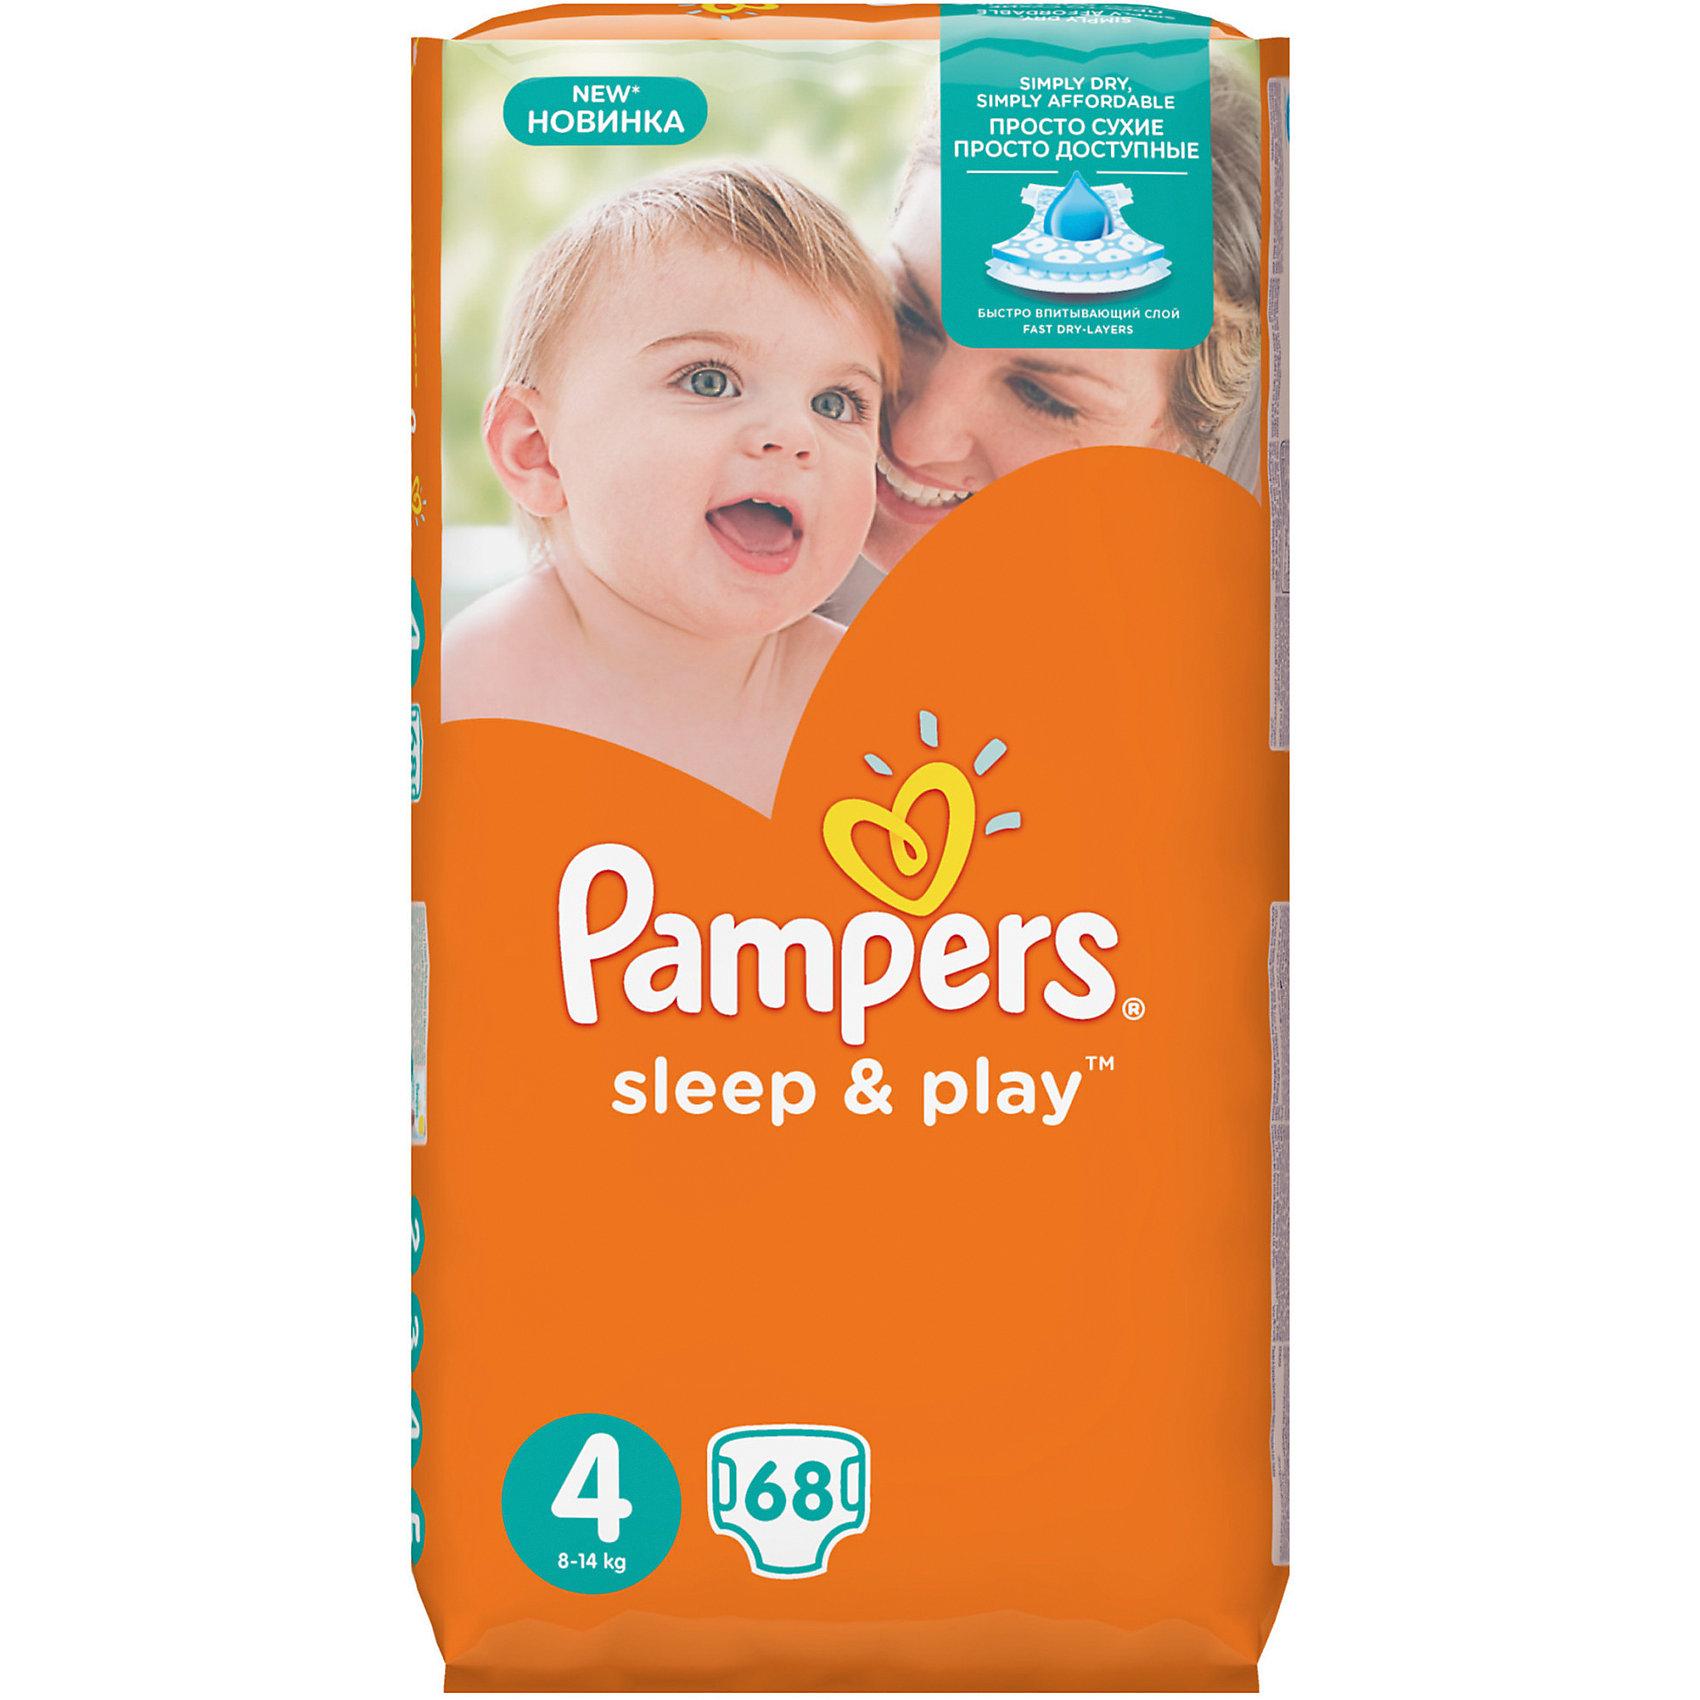 Подгузники Pampers Sleep  Play, 8-14 кг, 4 размер, 68 шт., Pampers